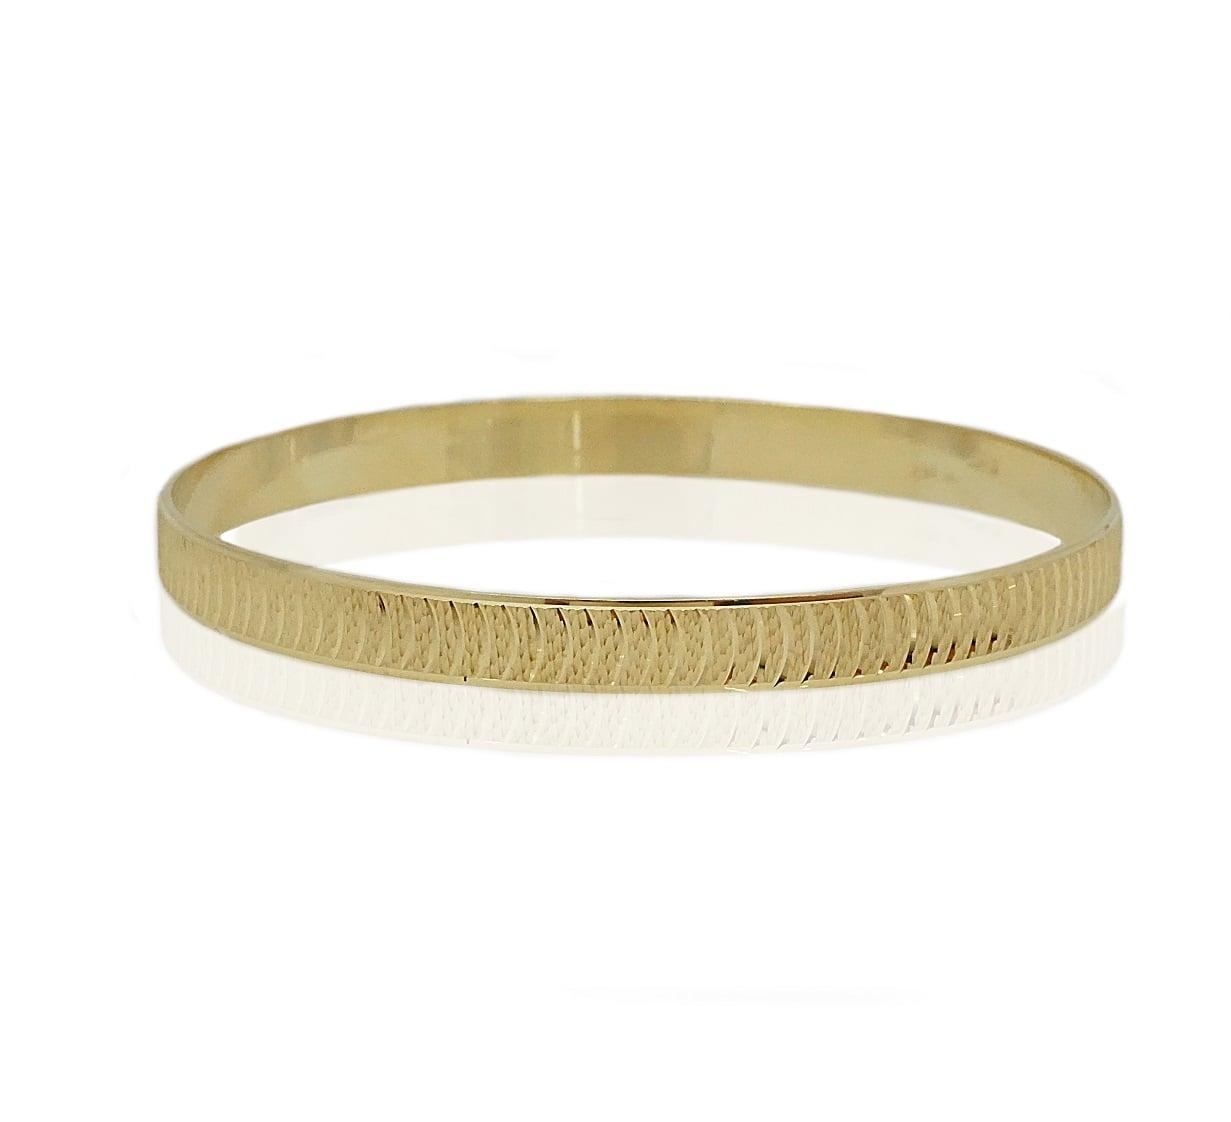 צמיד זהב מרוקאי   צמיד מרוקאי מזהב עם חריטות לייזר לאורך